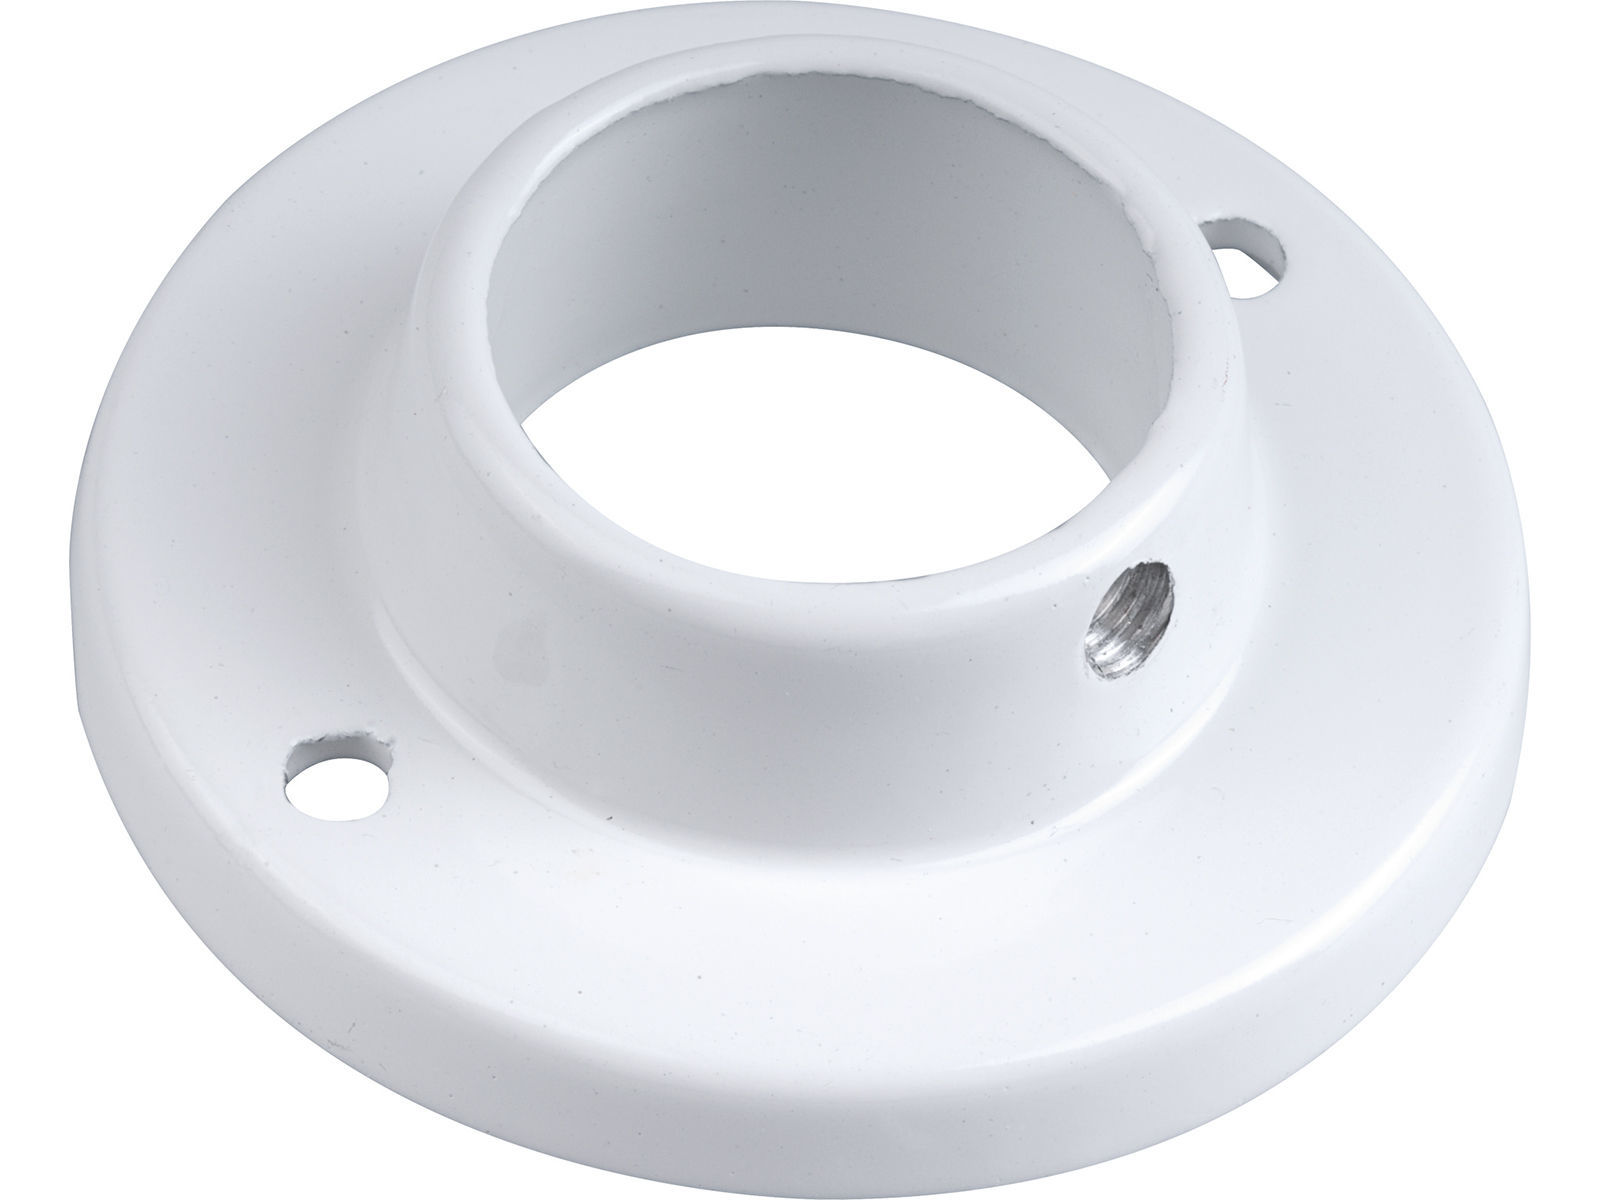 Bilde av Rørholder rund hvit Ø25mm 2stk